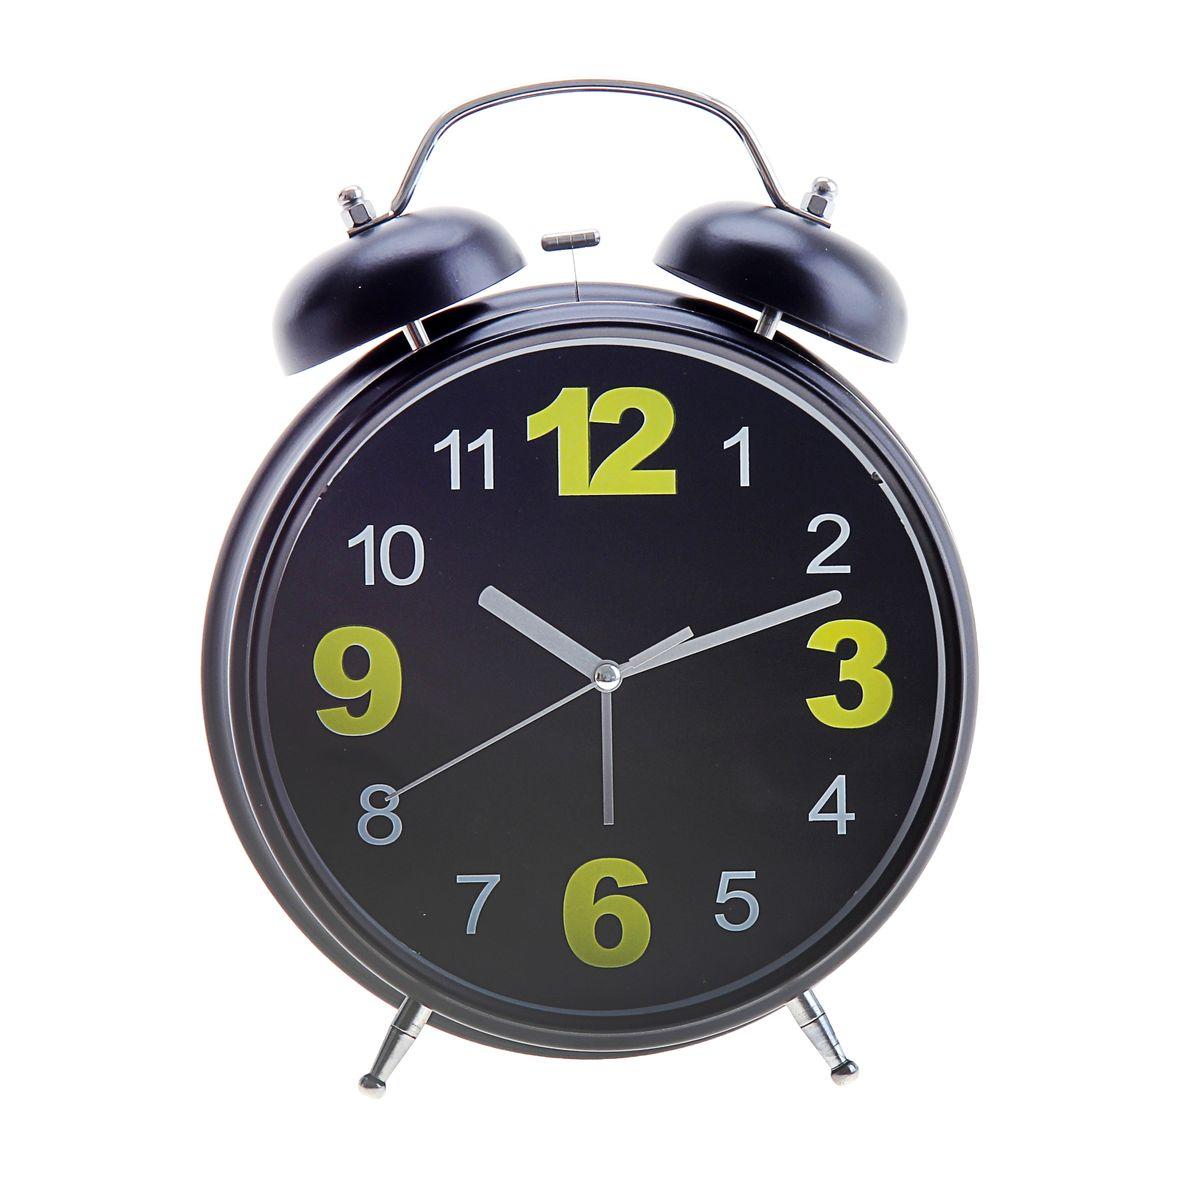 Часы-будильник Sima-land, цвет: черный. 669611VT-6606(BK)Как же сложно иногда вставать вовремя! Всегда так хочется поспать еще хотя бы 5 минут и бывает, что мы просыпаем. Теперь этого не случится! Яркий, оригинальный будильник Sima-land поможет вам всегда вставать в нужное время и успевать везде и всюду.Корпус будильника выполнен из металла. Циферблат имеет индикацию арабскими цифрами. Часы снабжены 4 стрелками (секундная, минутная, часовая и для будильника). На задней панели будильника расположен переключатель включения/выключения механизма, а также два колесика для настройки текущего времени и времени звонка будильника. Также будильник оснащен кнопкой, при нажатии которой подсвечивается циферблат.Пользоваться будильником очень легко: нужно всего лишь поставить батарейки, настроить точное время и установить время звонка. Необходимо докупить 3 батарейки типа АА (не входят в комплект).